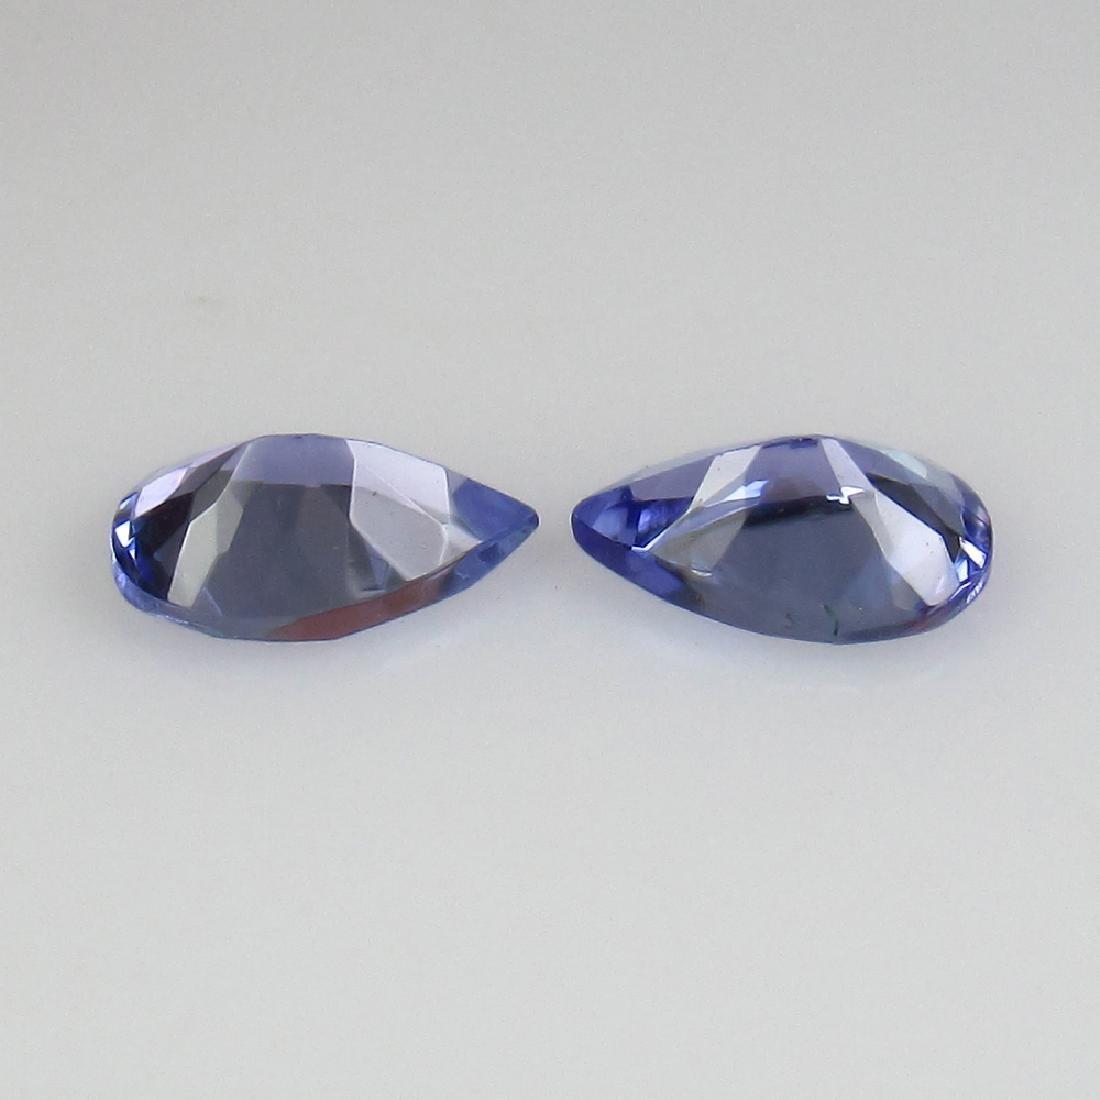 0.72 Ct Genuine Tanzanite 6X4 mm Matching Pear Pair - 2